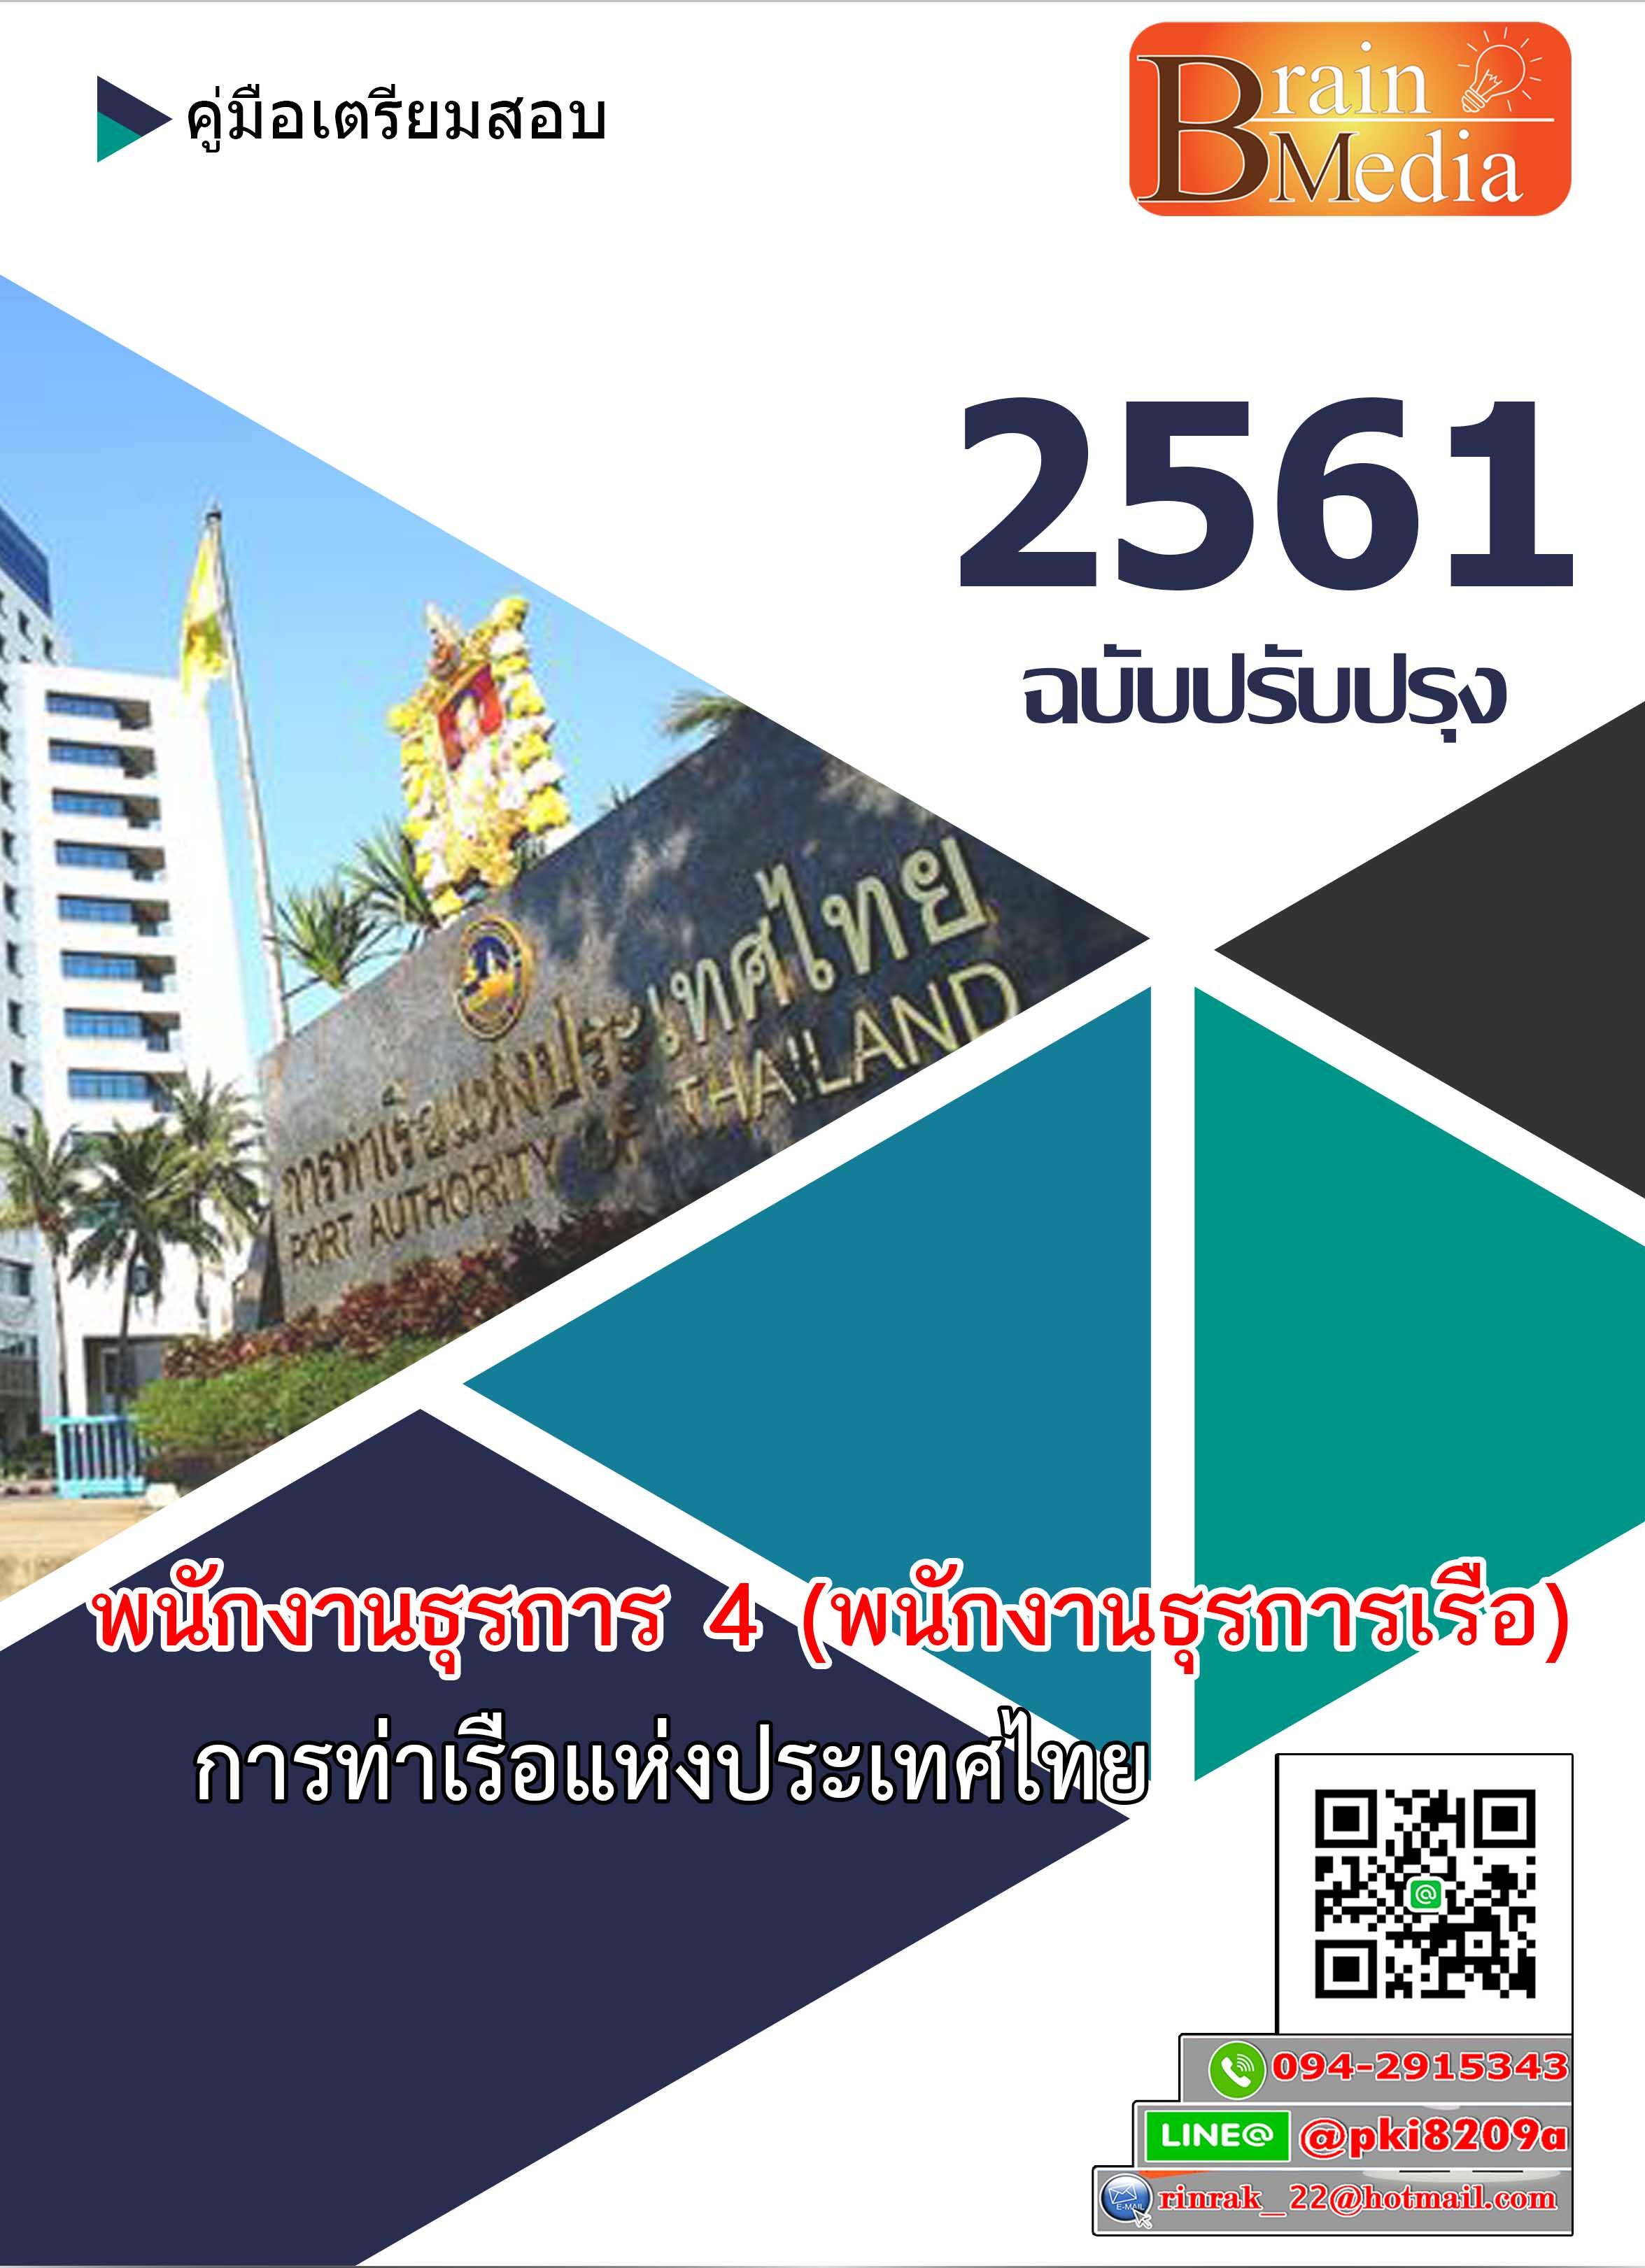 แนวข้อสอบ พนักงานธุรการ 4 (พนักงานธุรการเรือ) การท่าเรือแห่งประเทศไทย